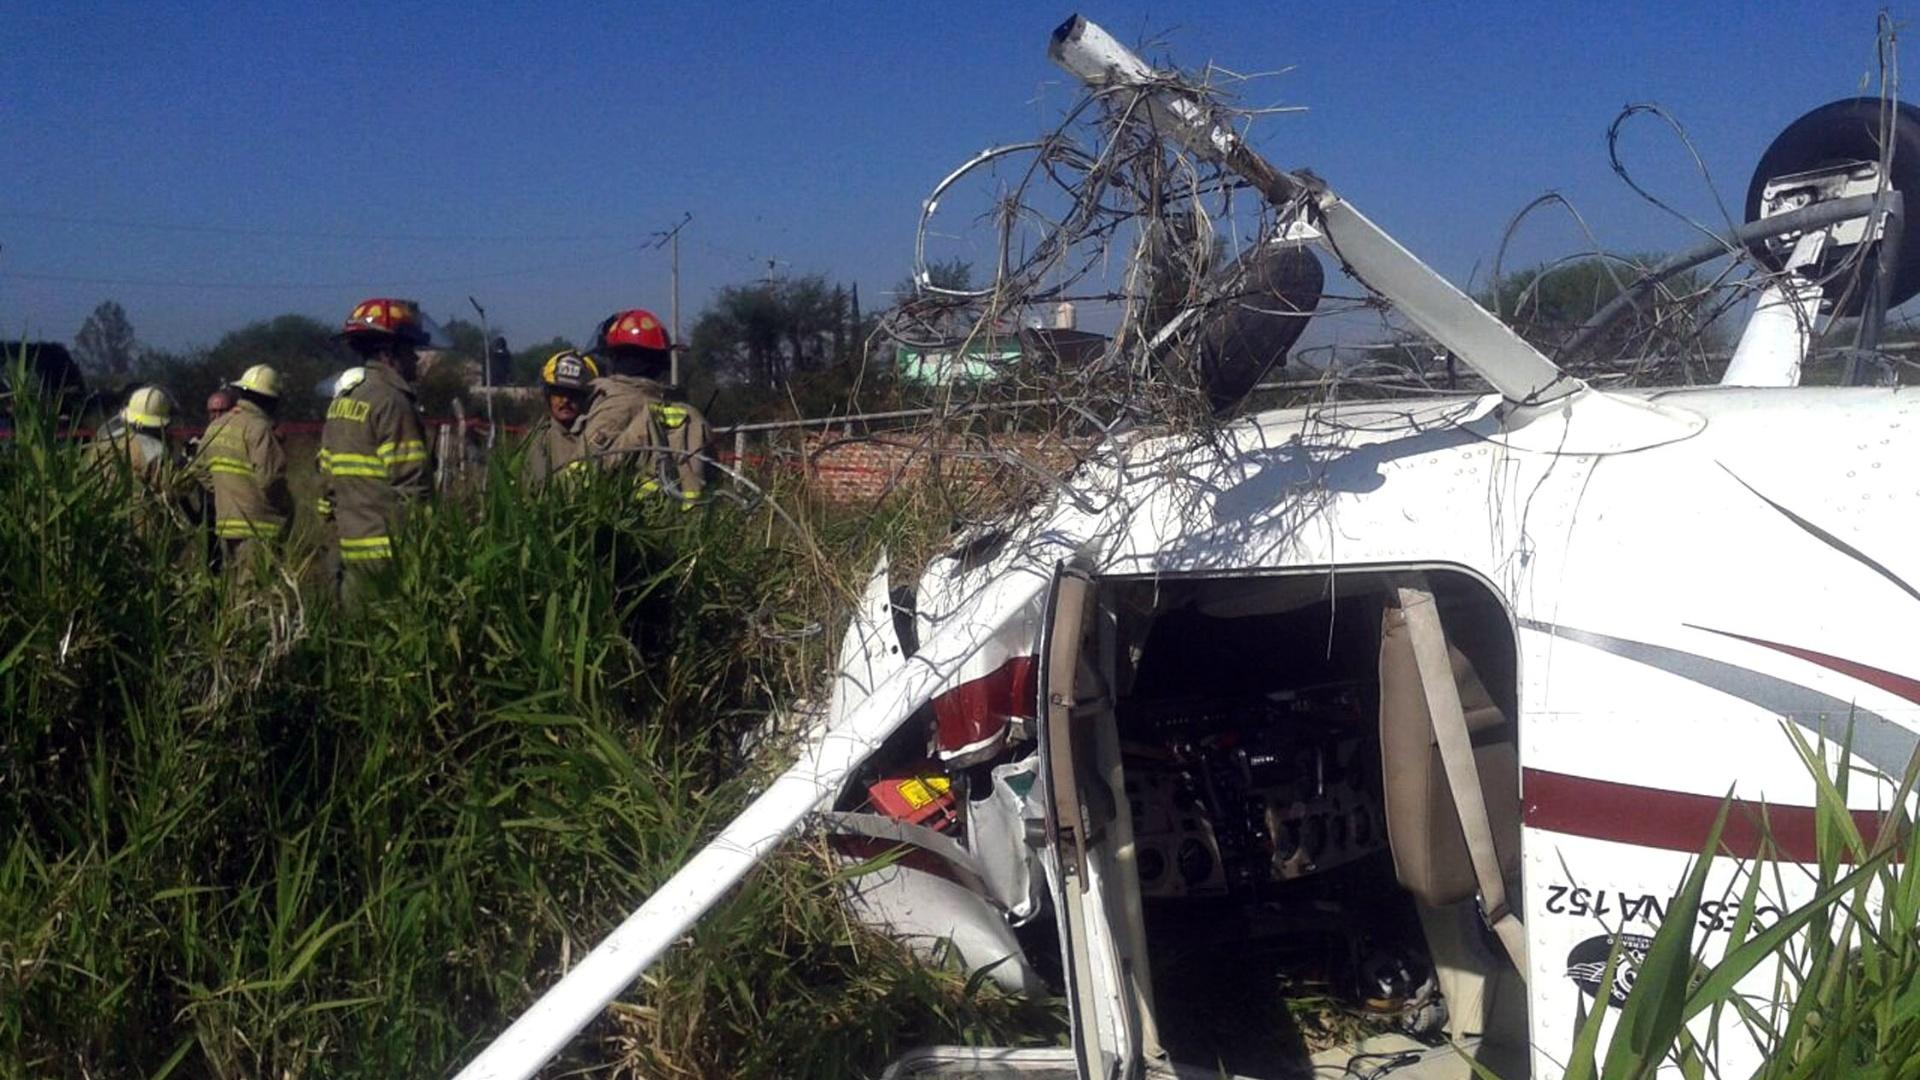 27.out.2014 - Bombeiros vasculham os destroços de um pequeno avião que caiu num terreno baldio no município de Tlajomulco de Zuñiga, no México, nesta segunda-feira (27). De acordo com informações das autoridades locais, não houve mortes